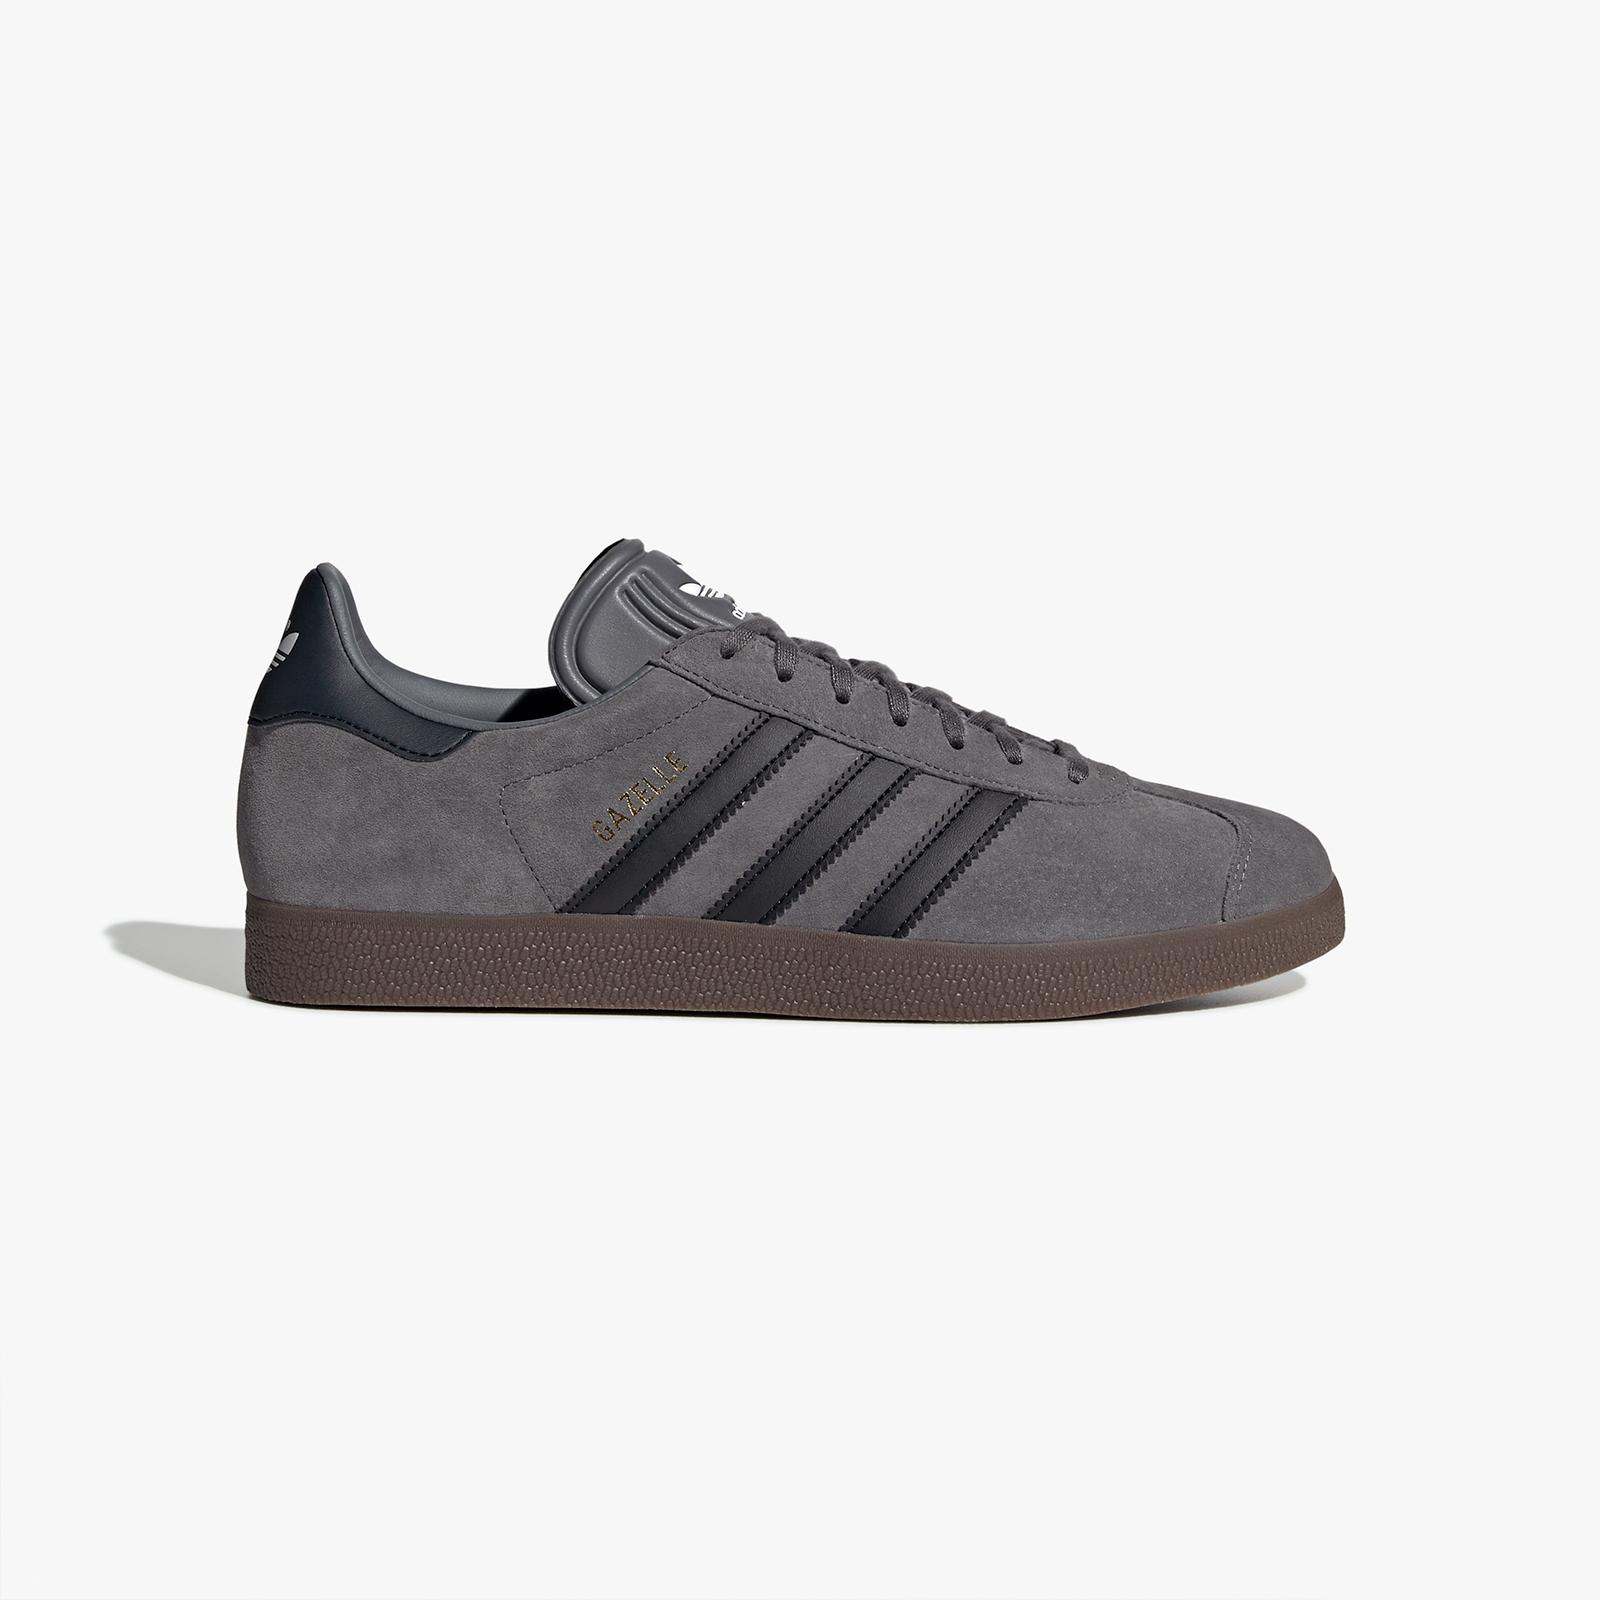 adidas Gazelle - Ee8943 - SNS   sneakers & streetwear online since ...